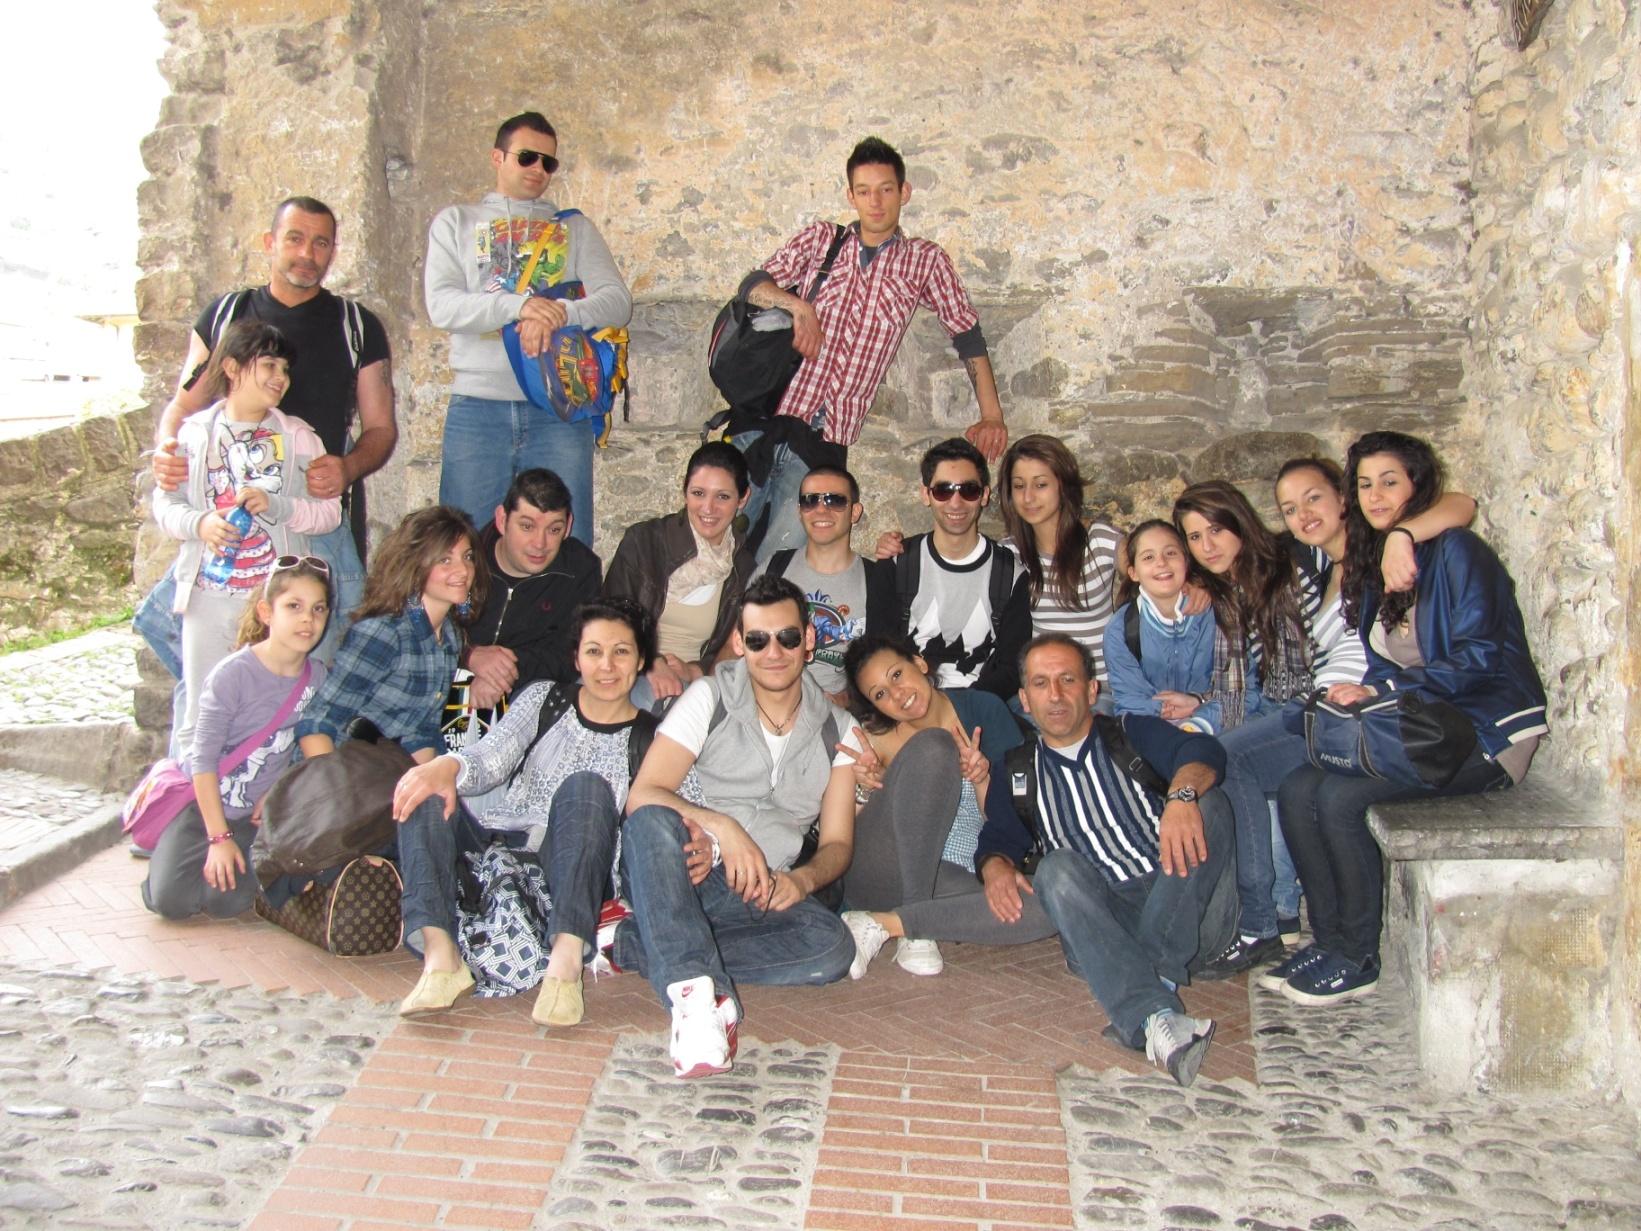 pasquetta_dolceacqua-2011-04-25-11-38-30